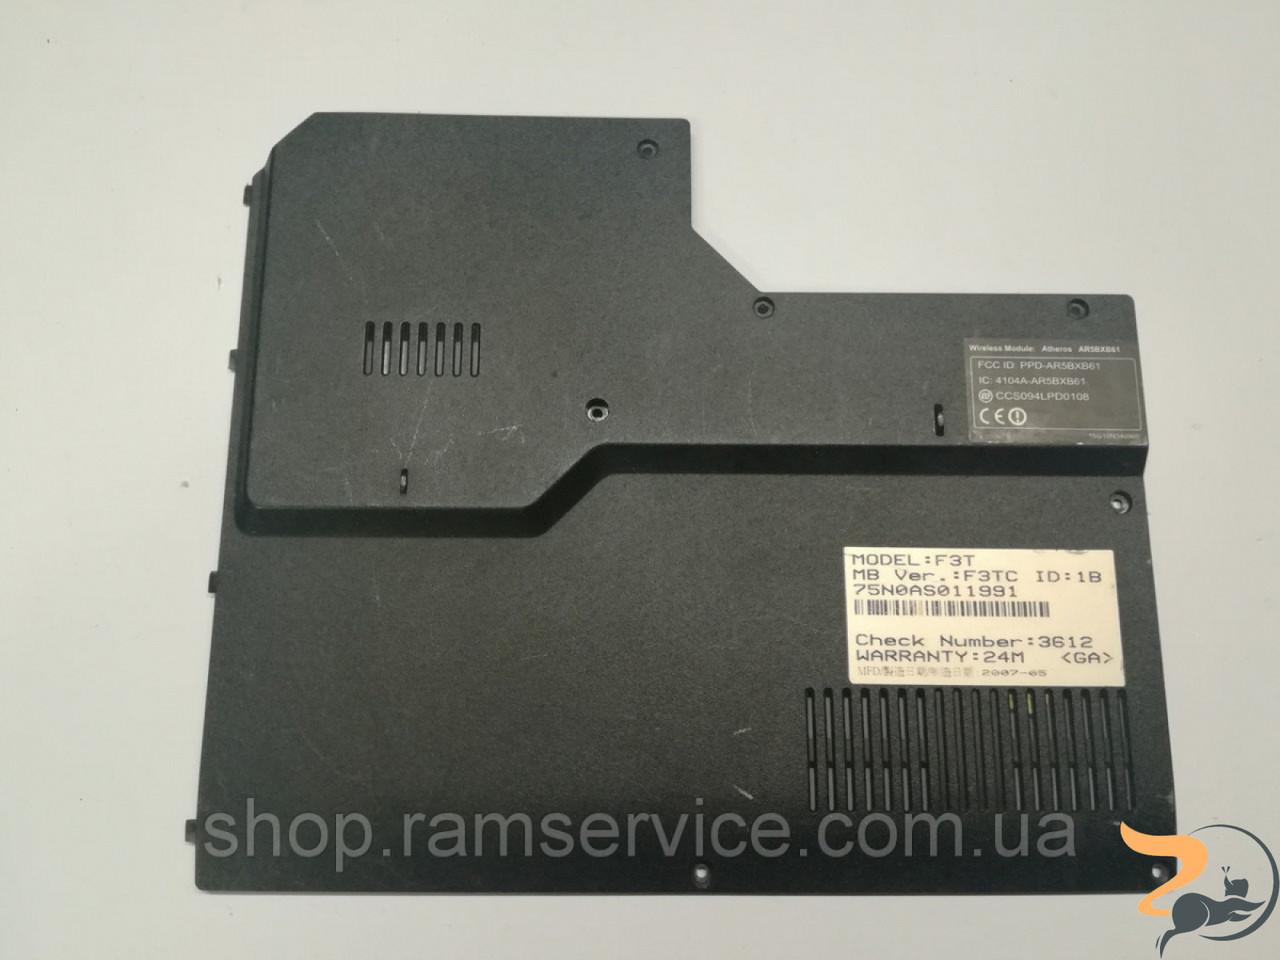 Сервісна кришка для ноутбука Asus F3T, F3J. Без пошкоджень.